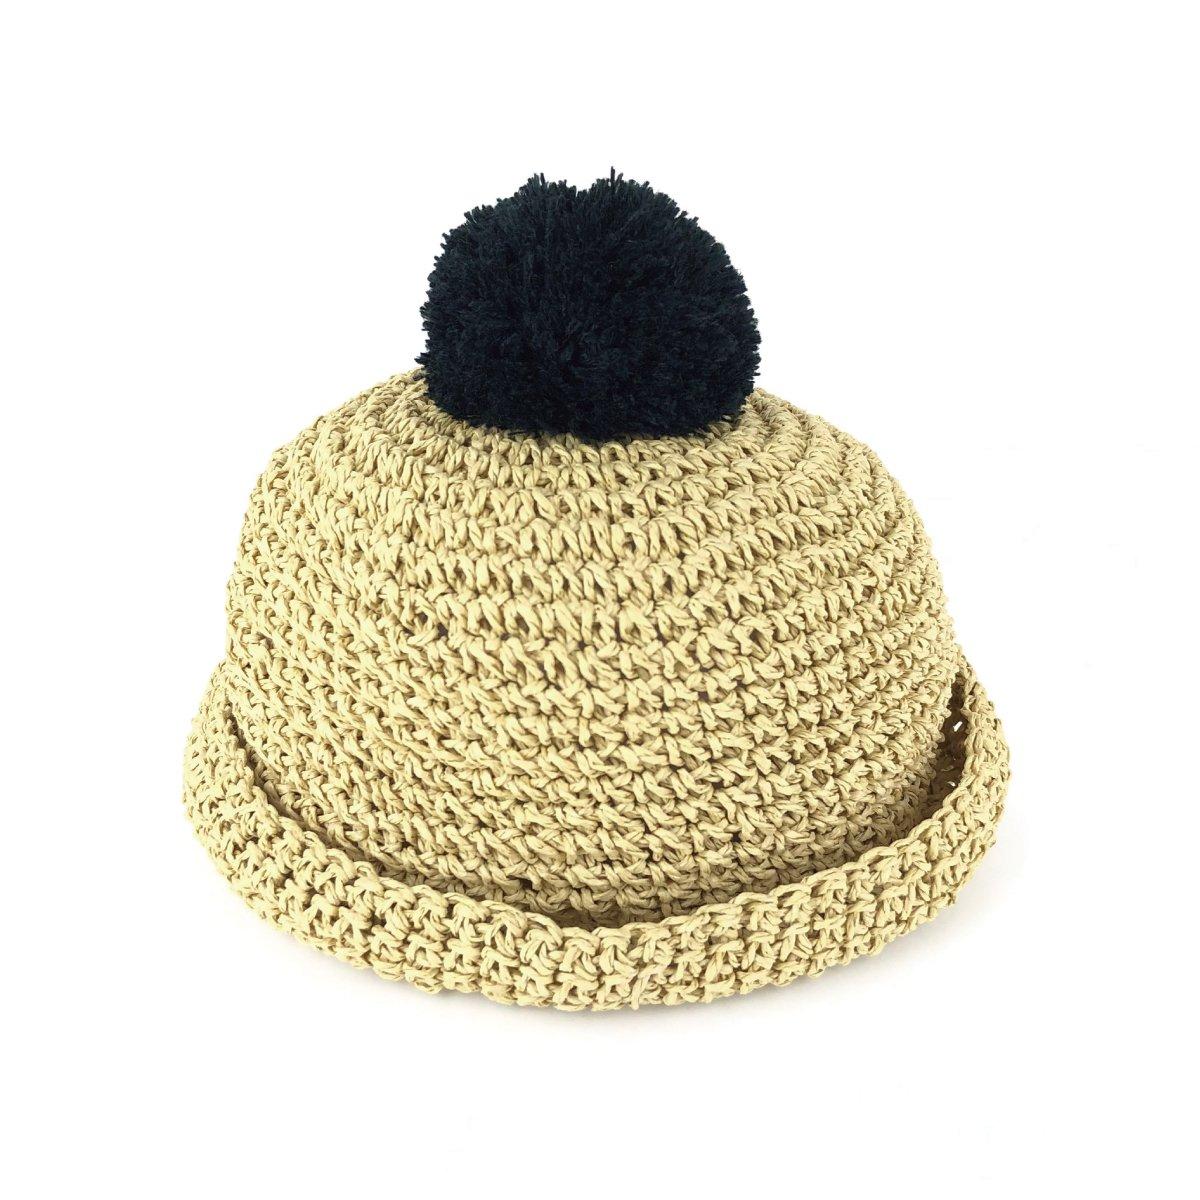 【BABY】Pon Coron Hat 詳細画像2